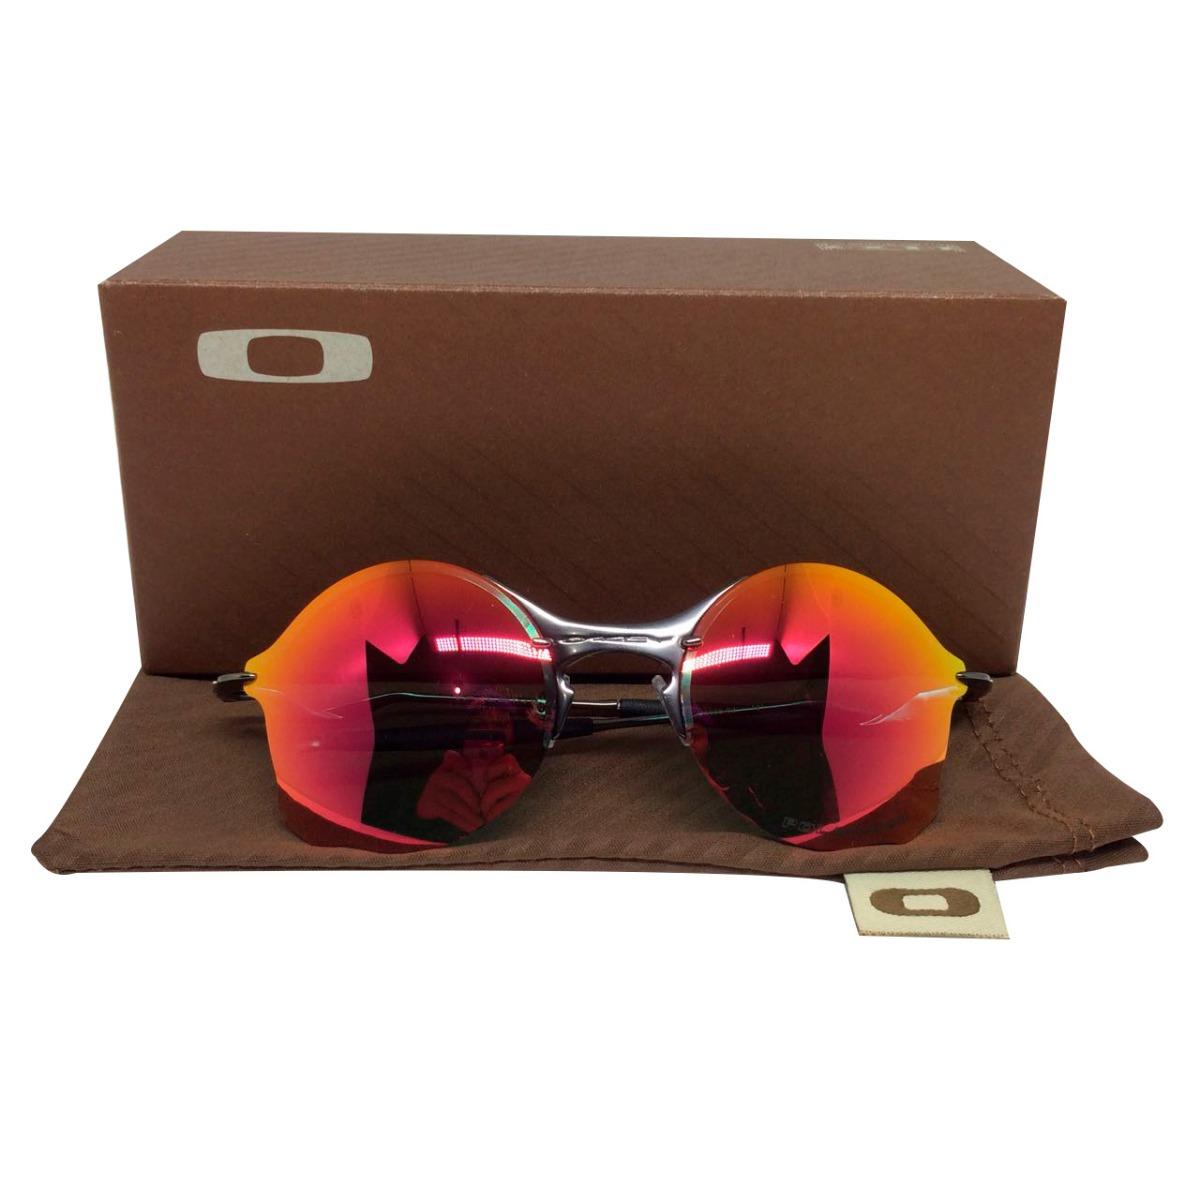 8f228b0d96454 óculos oakley tailend lente vermelha. Carregando zoom.